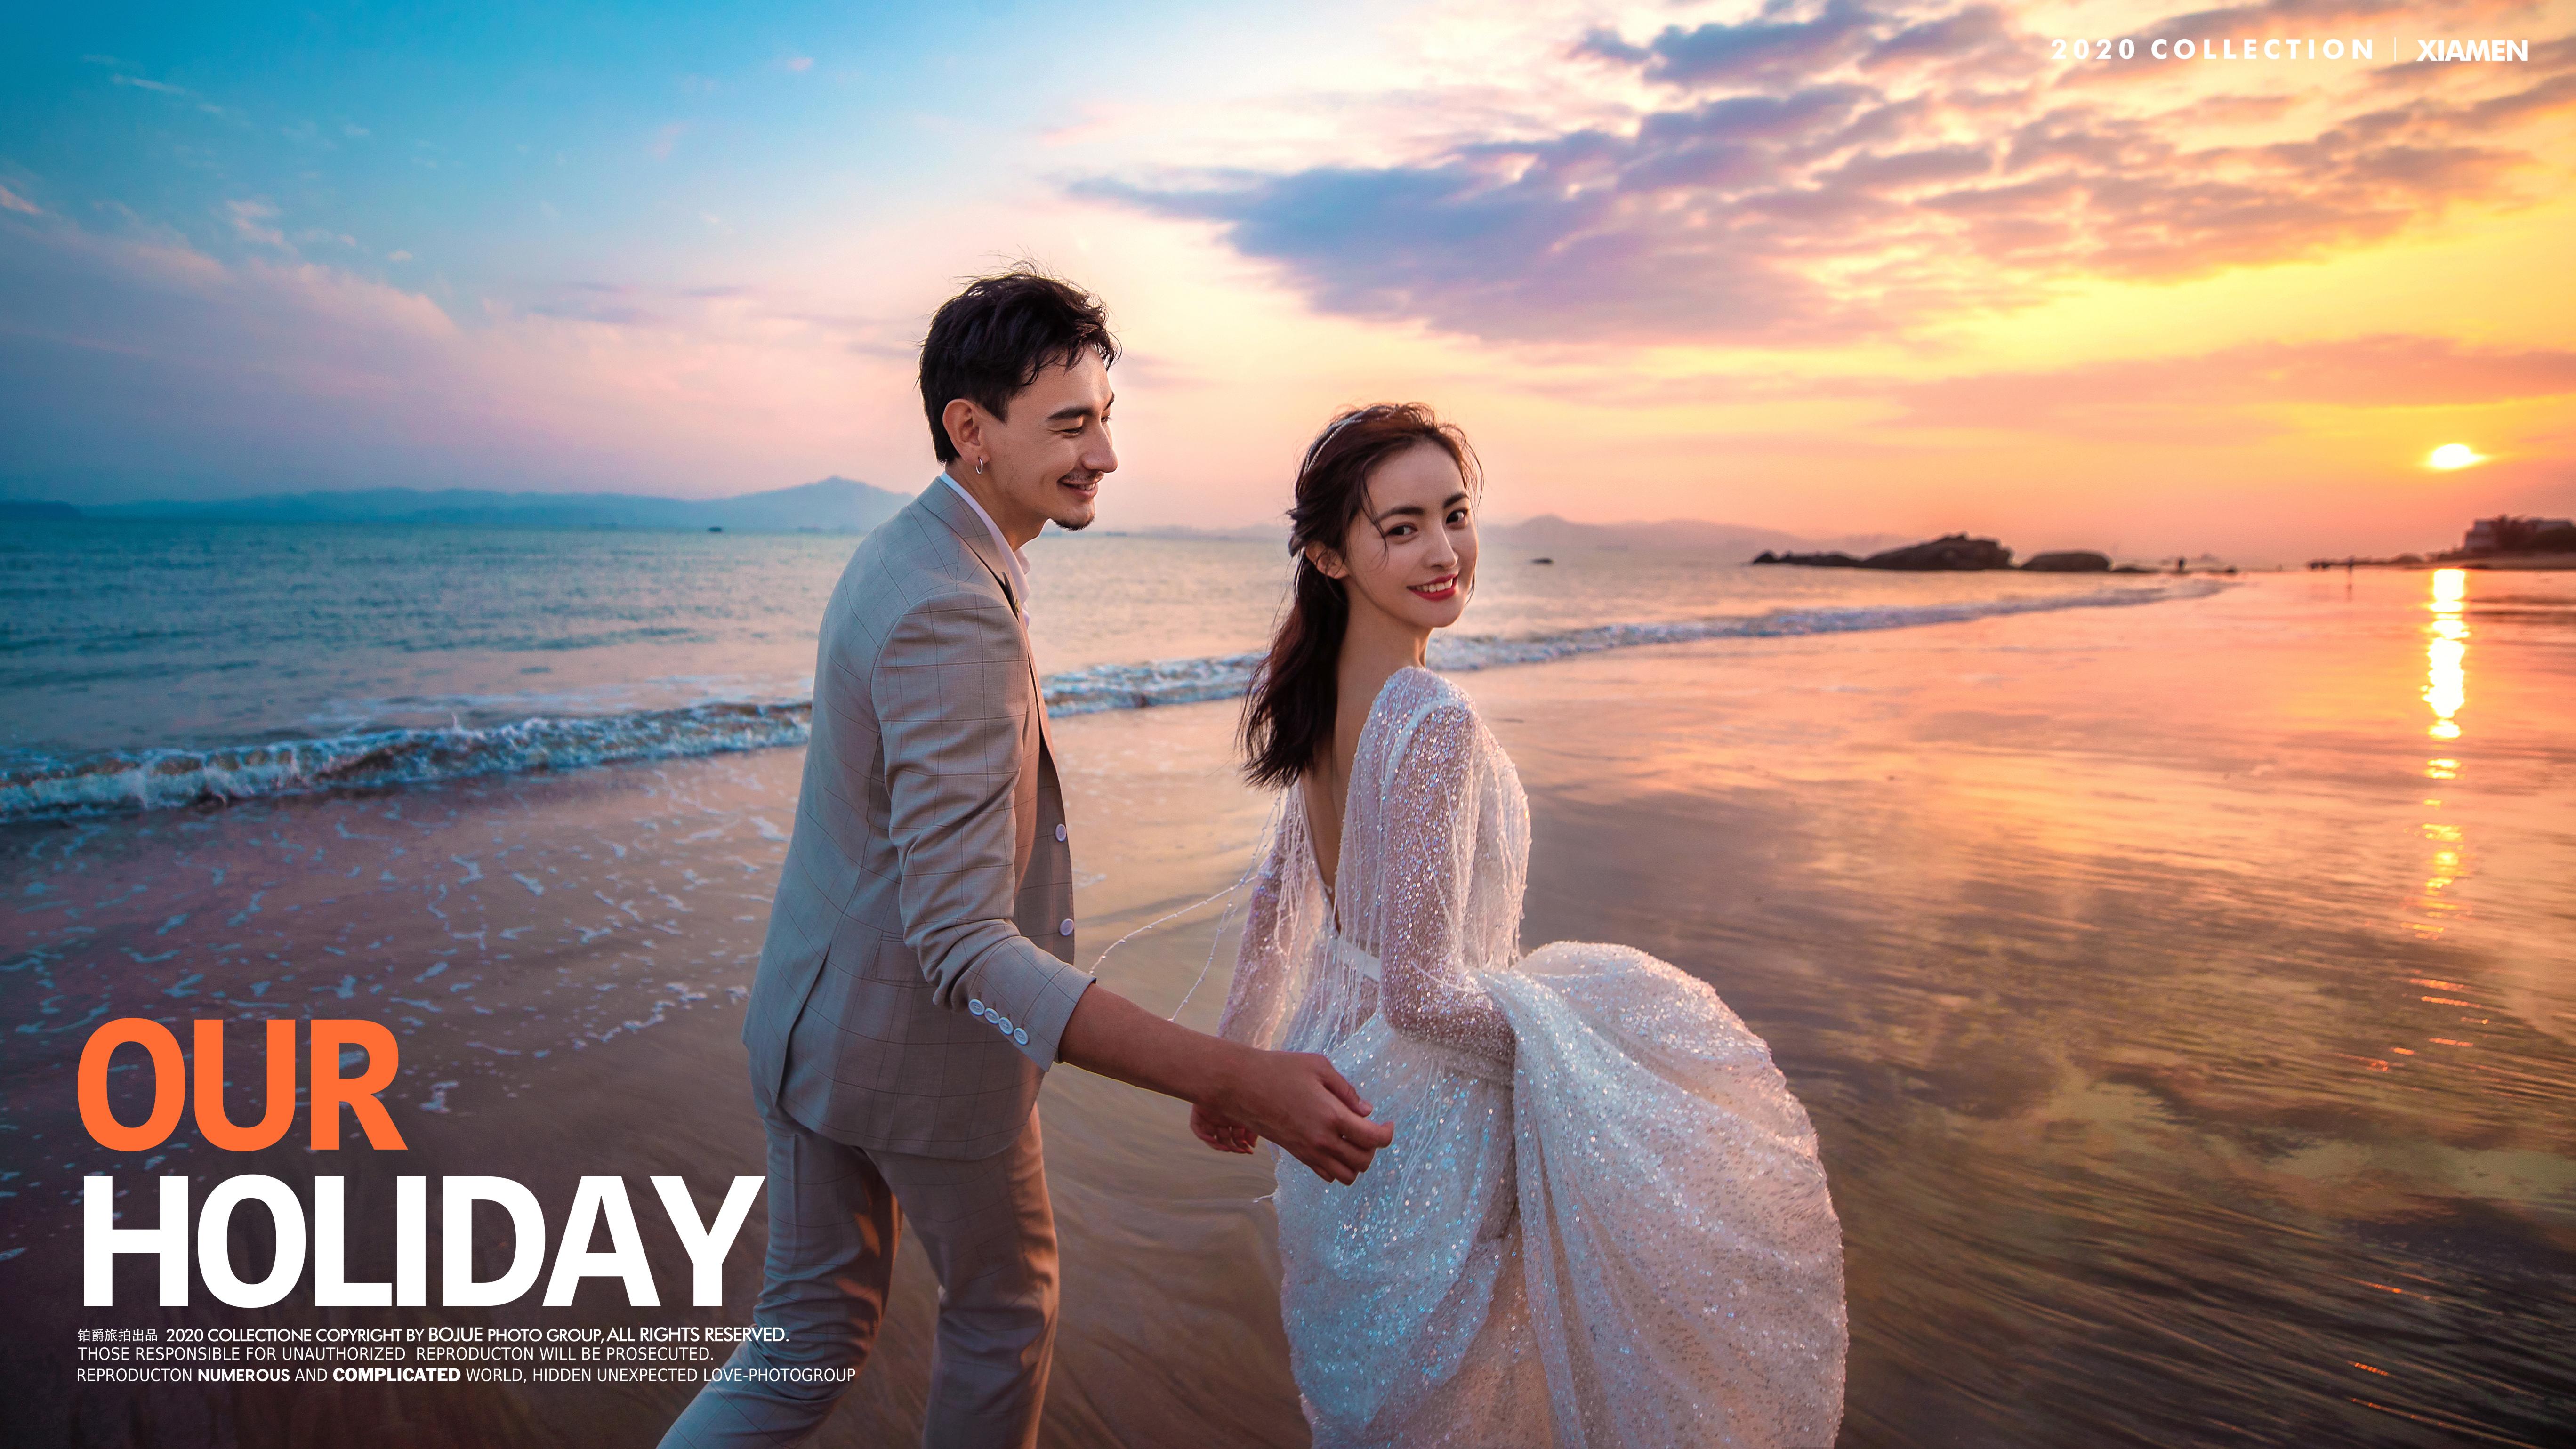 10月结婚几月拍婚纱照好 婚纱照提前多久拍